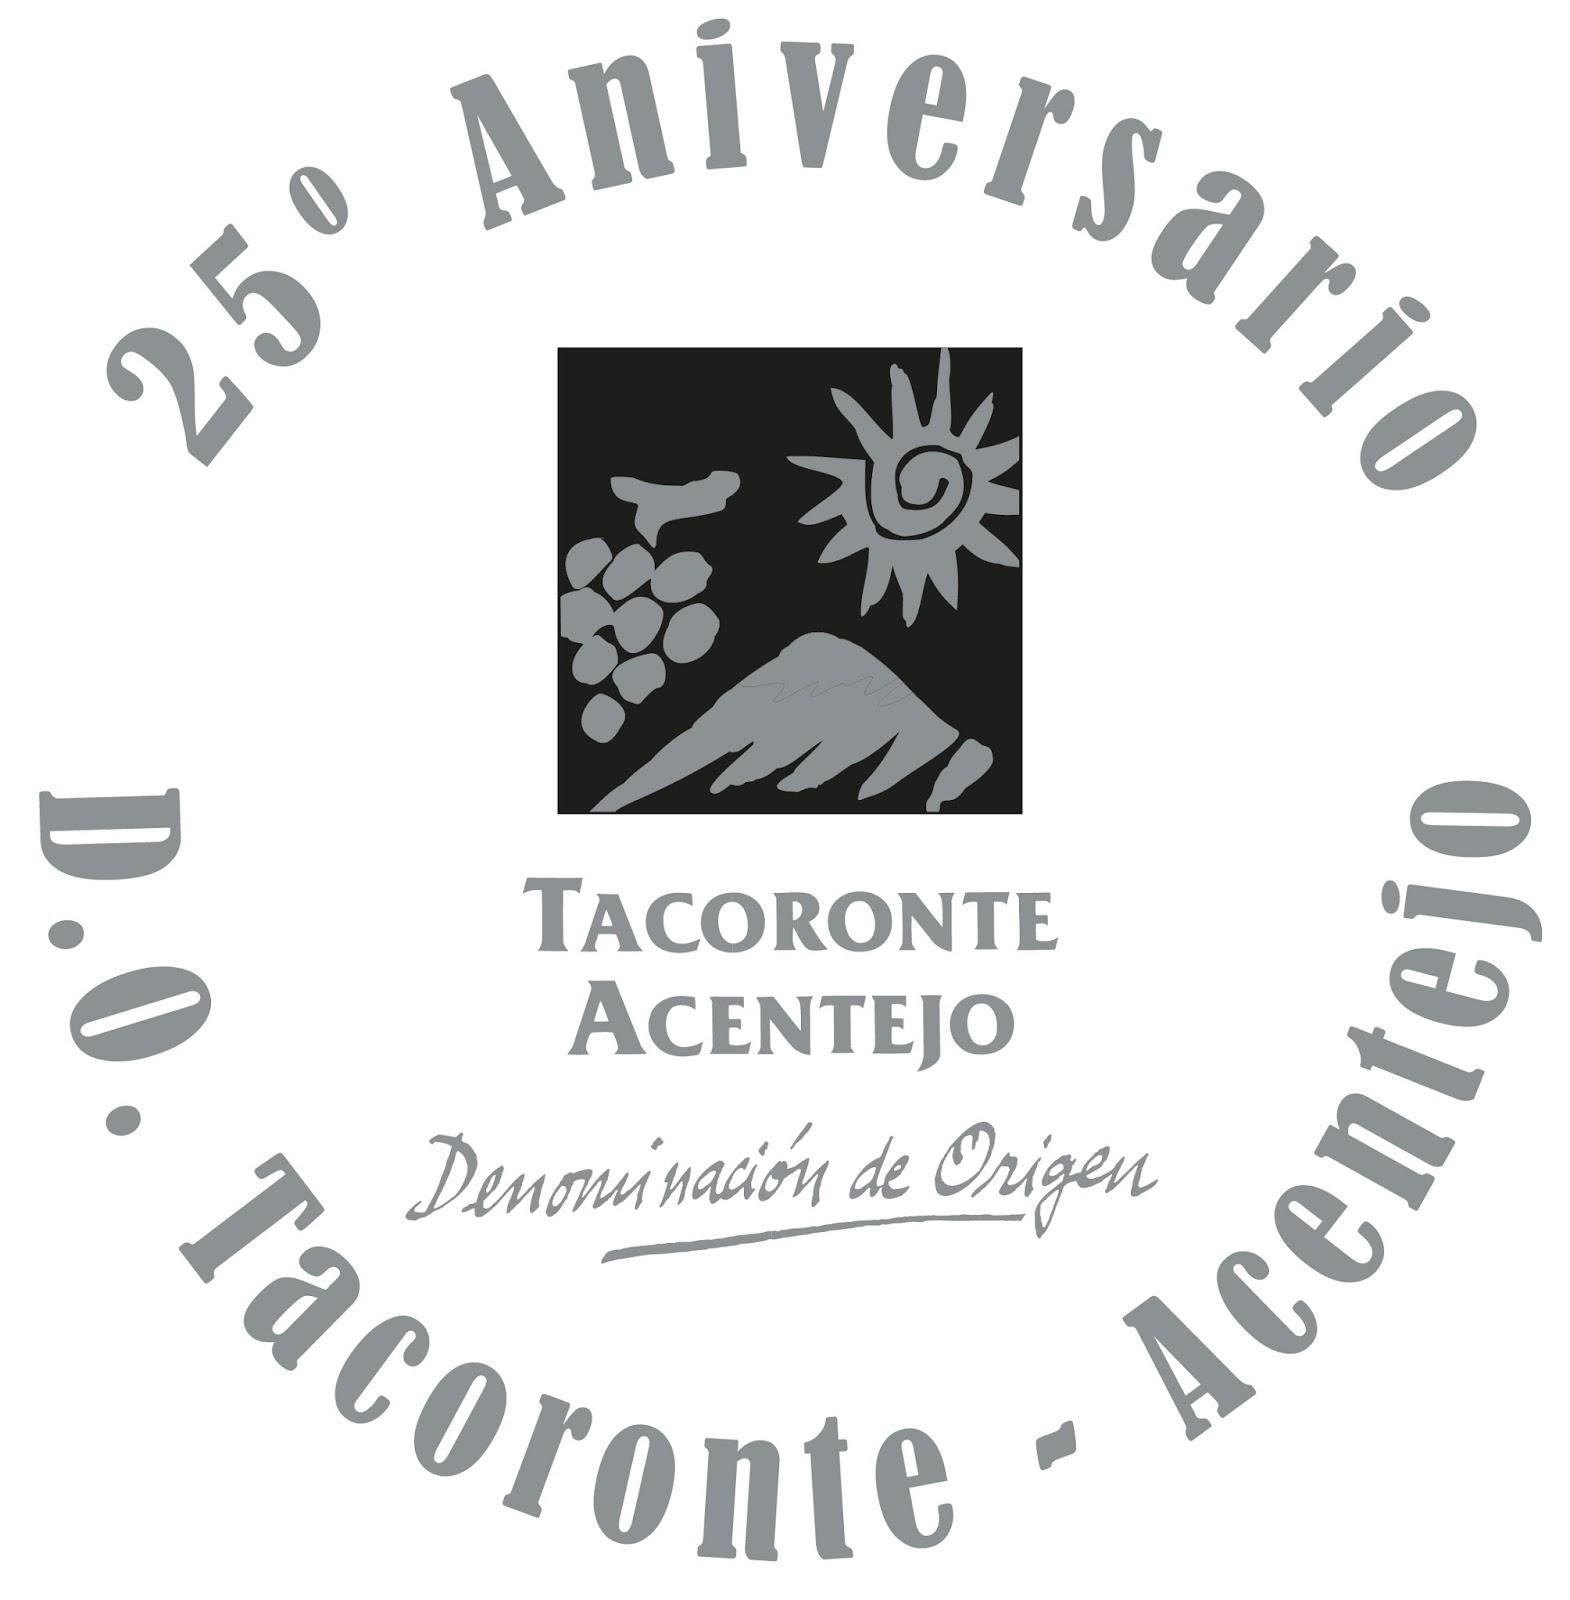 Tacoronte-Acentejo de cumpleaños